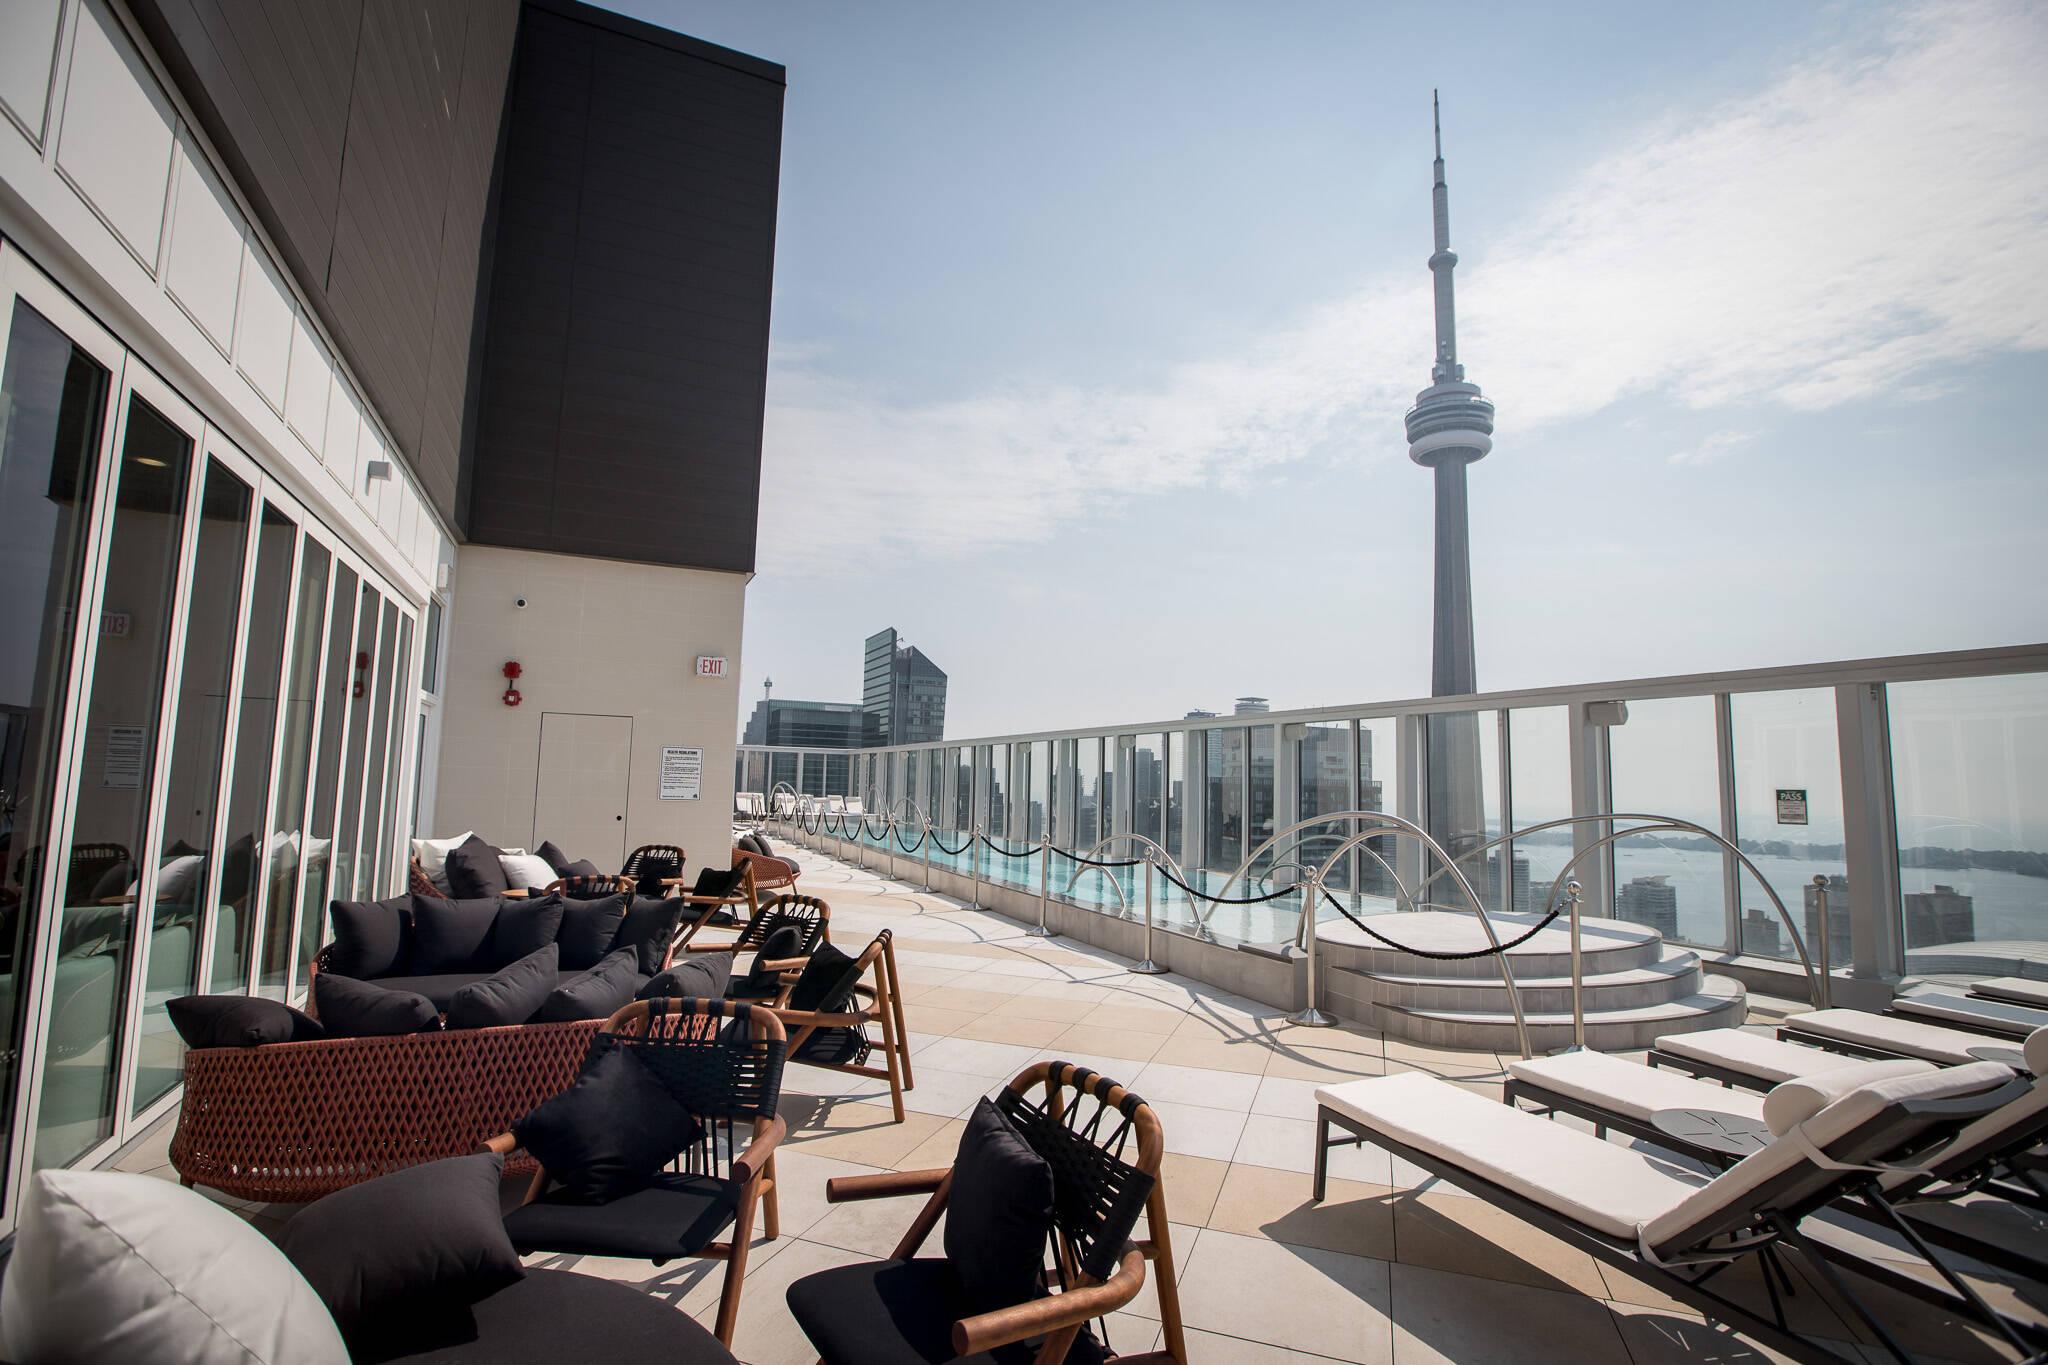 bisha hotel patio